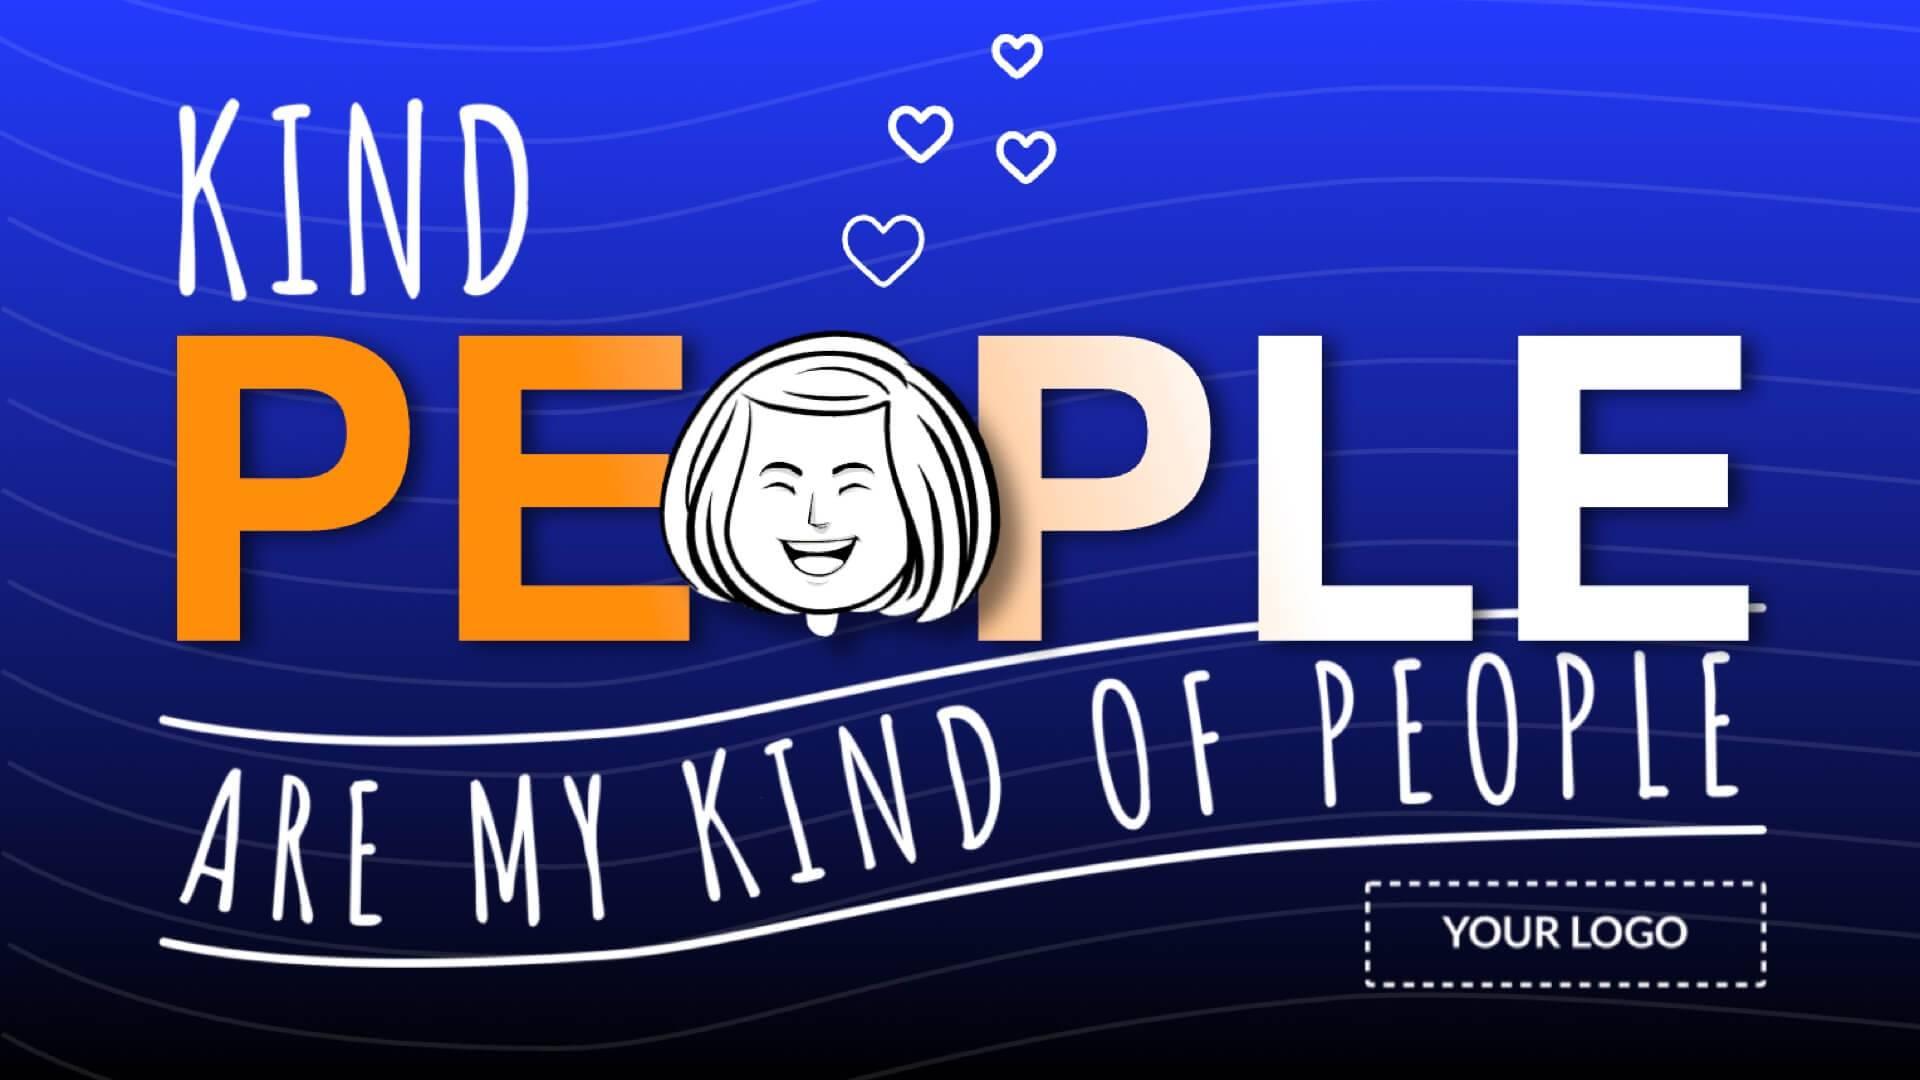 Kind People are My Kind of People Digital Signage Template